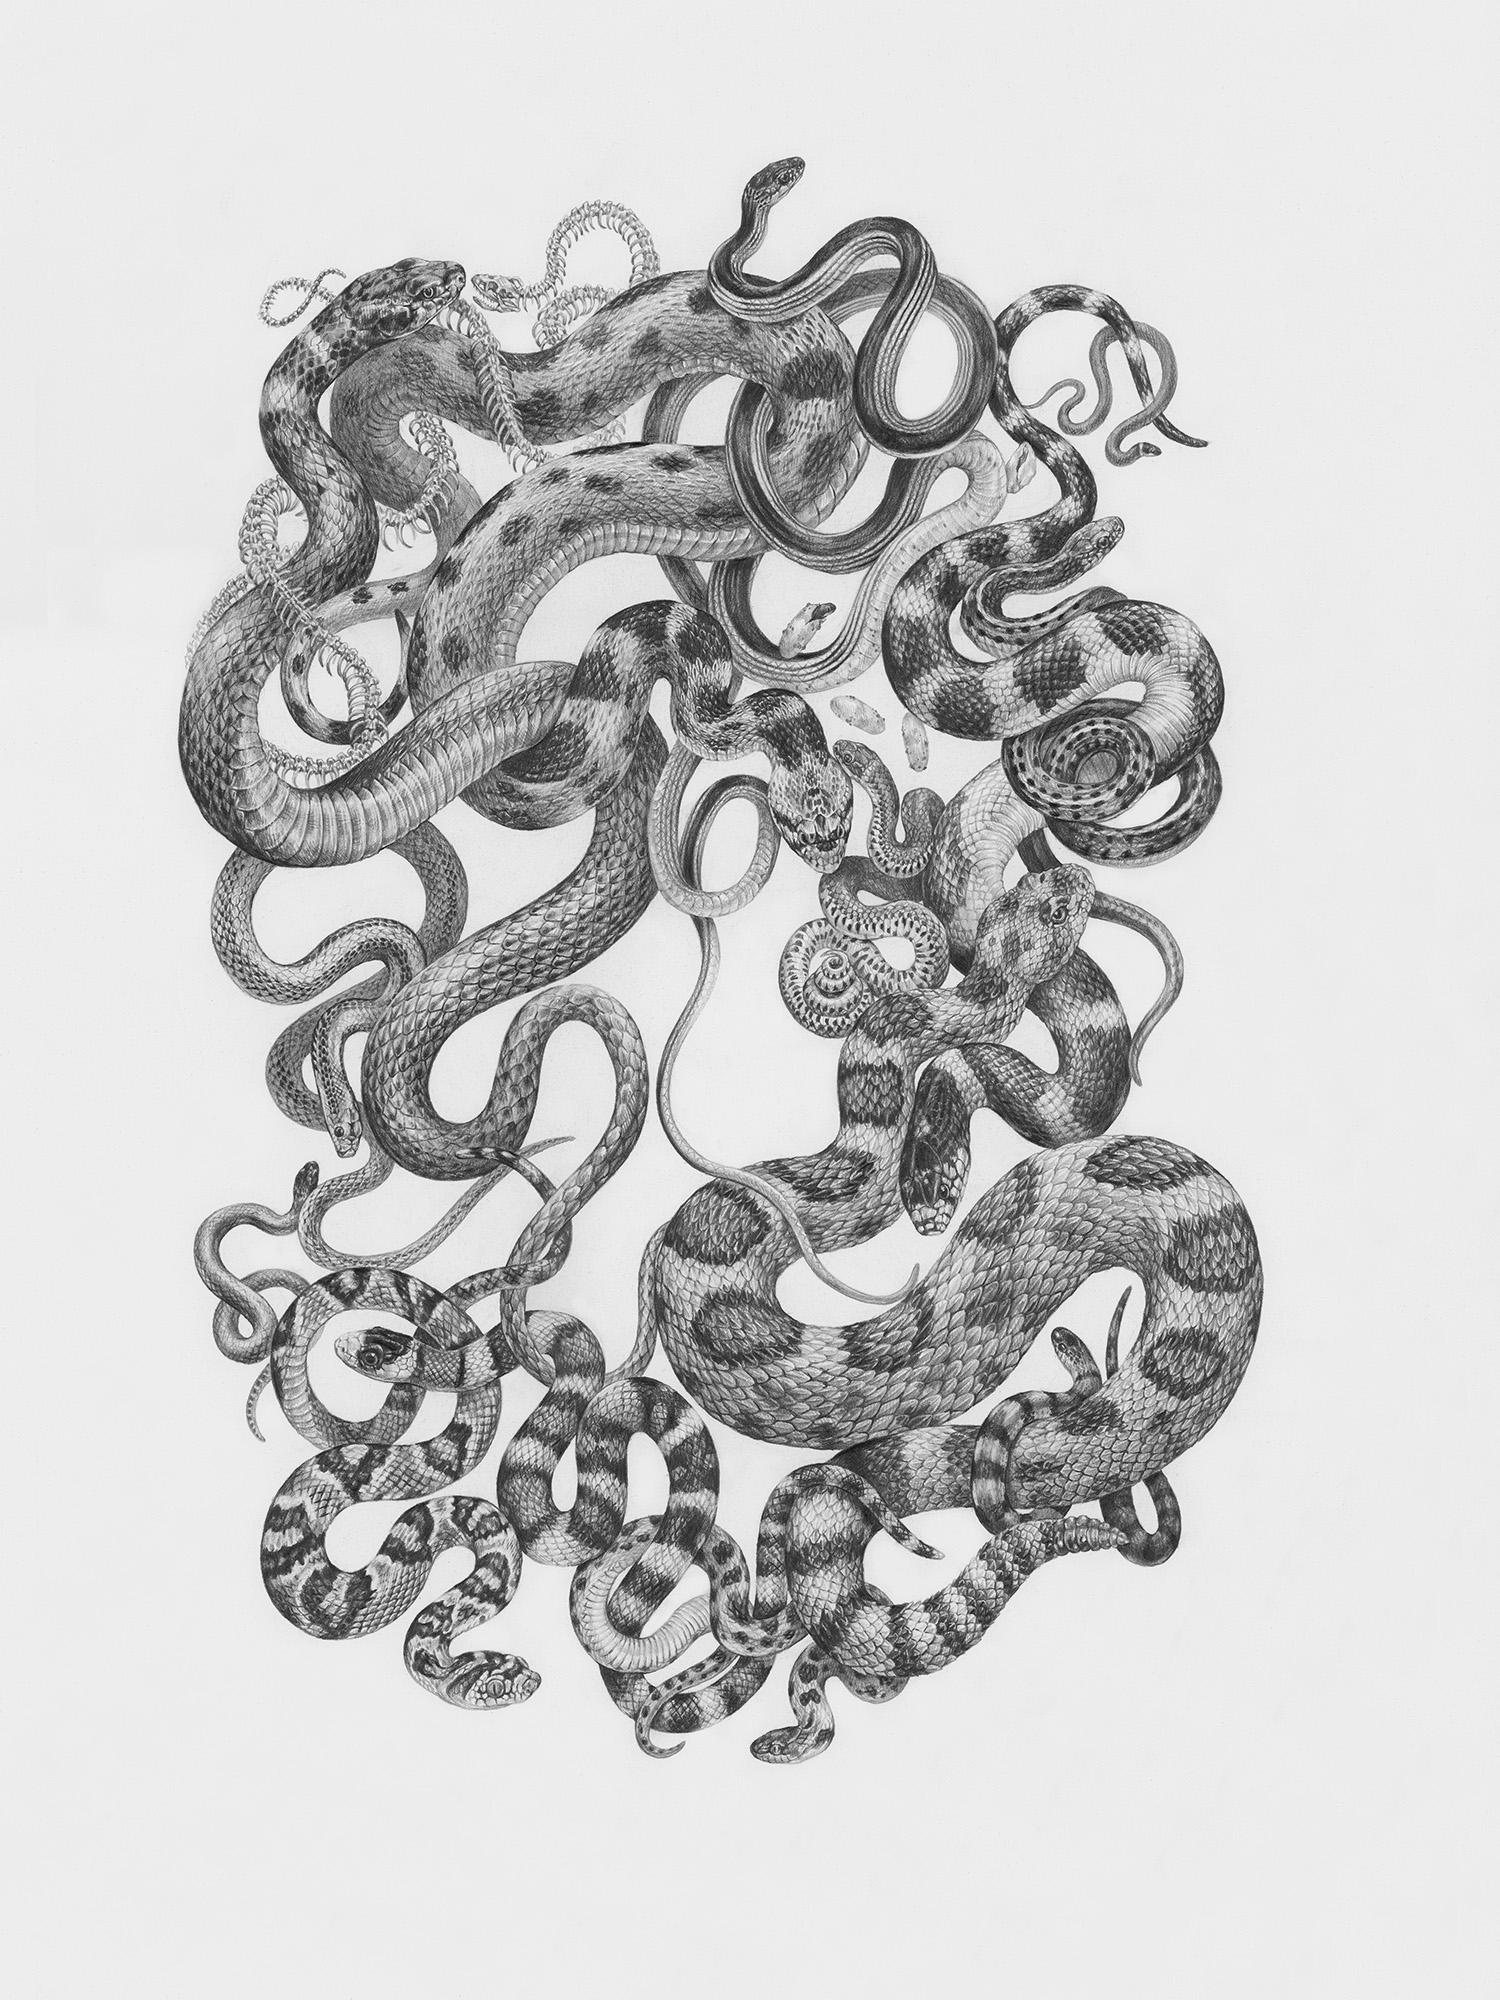 """Snakes of Zion National Park, 18"""" x 24"""", Graphite on paper, 2019   Click here to purchase through Antler Gallery   SPECIES DEPICTED  Desert Striped Whipsnake, Ring-necked Snake, Wandering Gartersnake, Gopher Snake, Great Basin Rattlesnake, California Kingsnake, Groundsnake, Nightsnake, Western Lyresnake, Sonoran Mountain Kingsnake, Smith's Black-heaeded Snake, Mohave Patch-nosed Snake, Red Racer"""